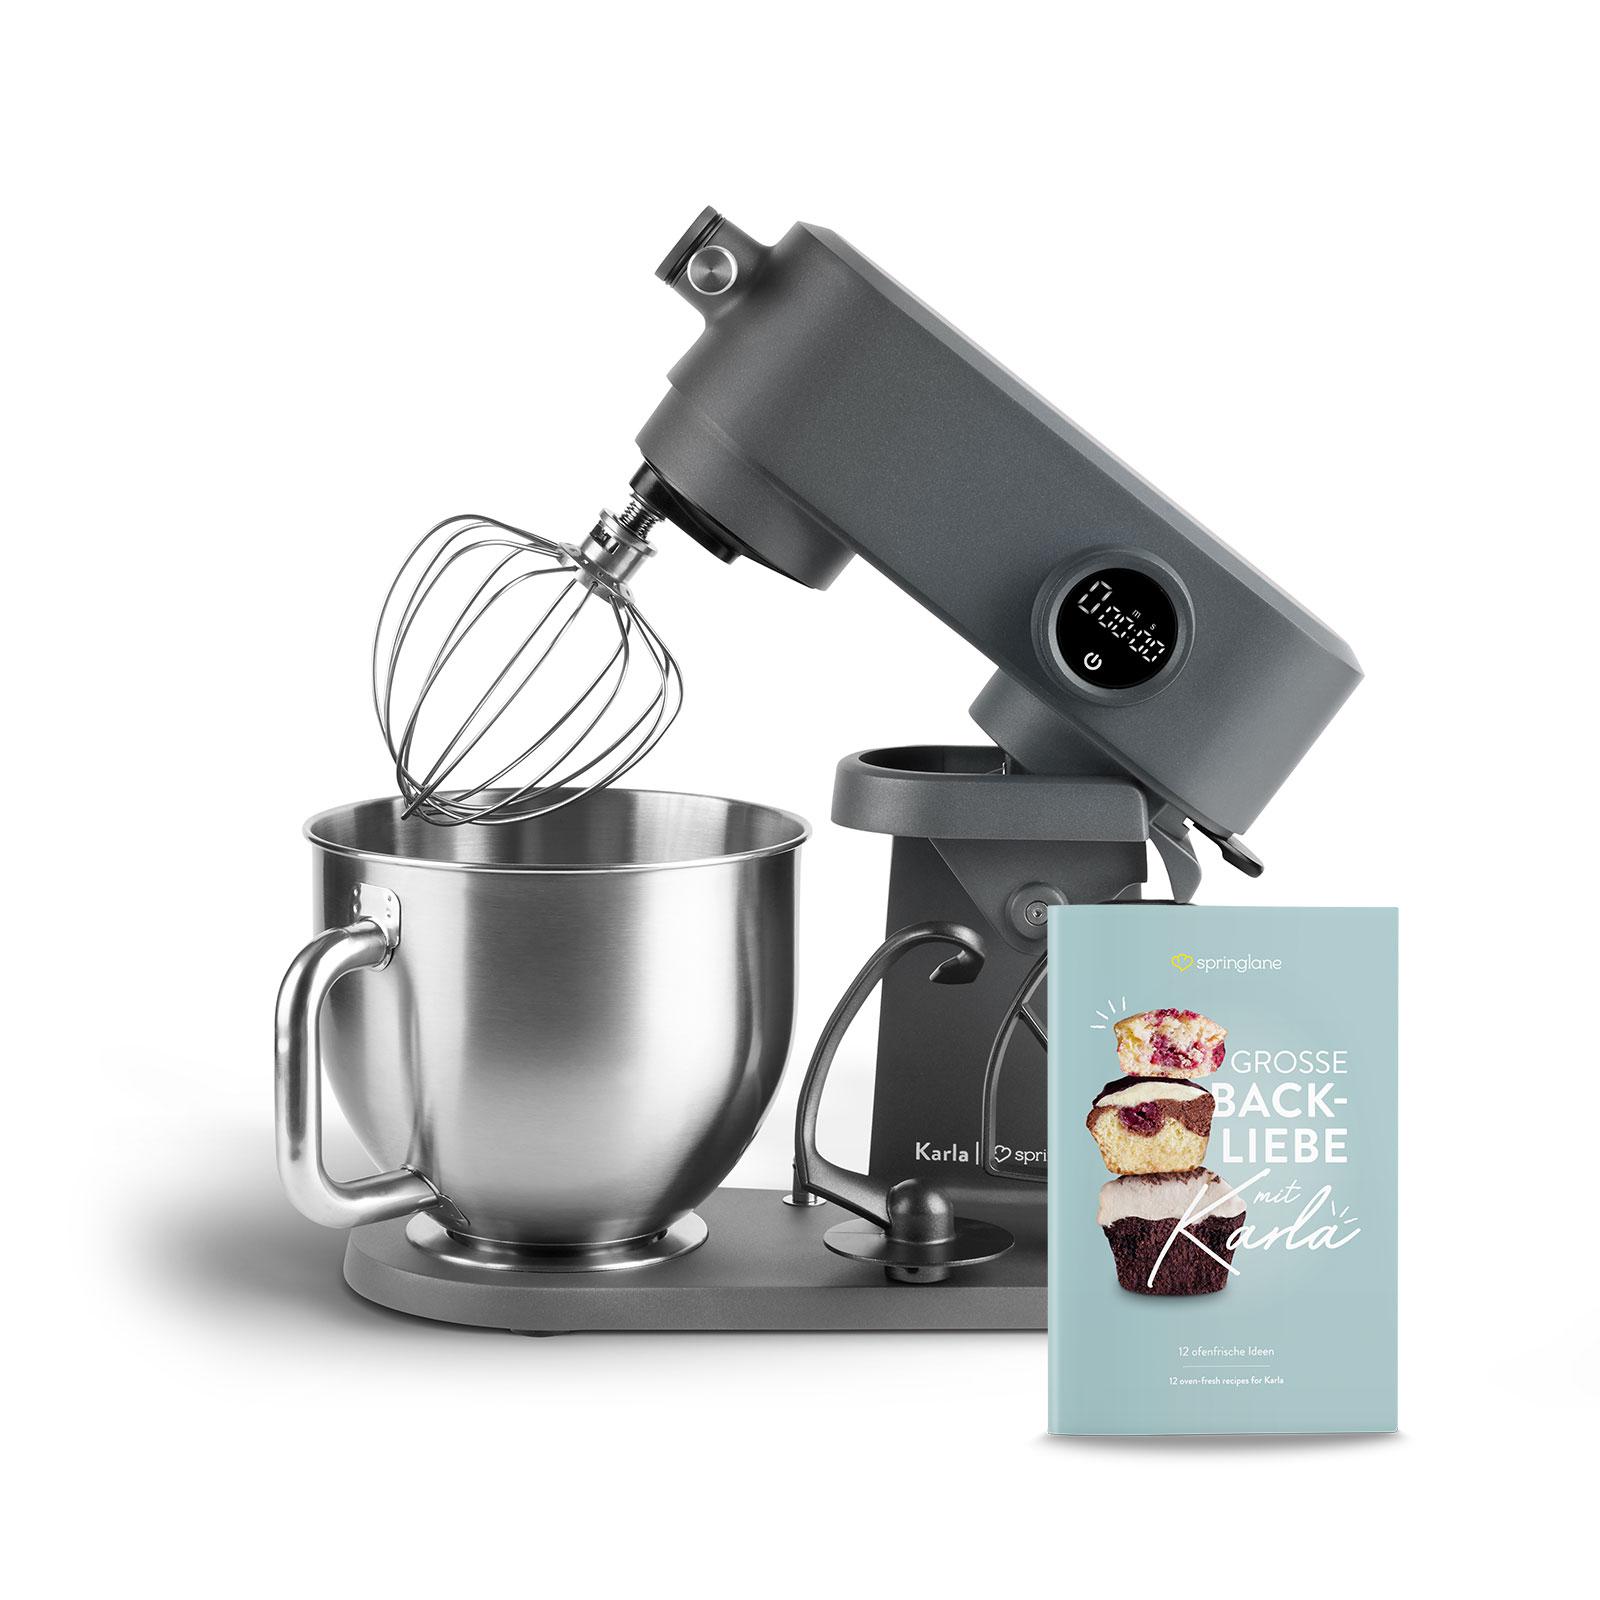 """Springlane Küchenmaschine """"Karla"""" (800 W, 5.2 Liter Edelstahl-Schüssel, Planetarisches Rührwerk, Vollmetall-Gehäuse, 8 Stufen) [SPRINGLANE]"""